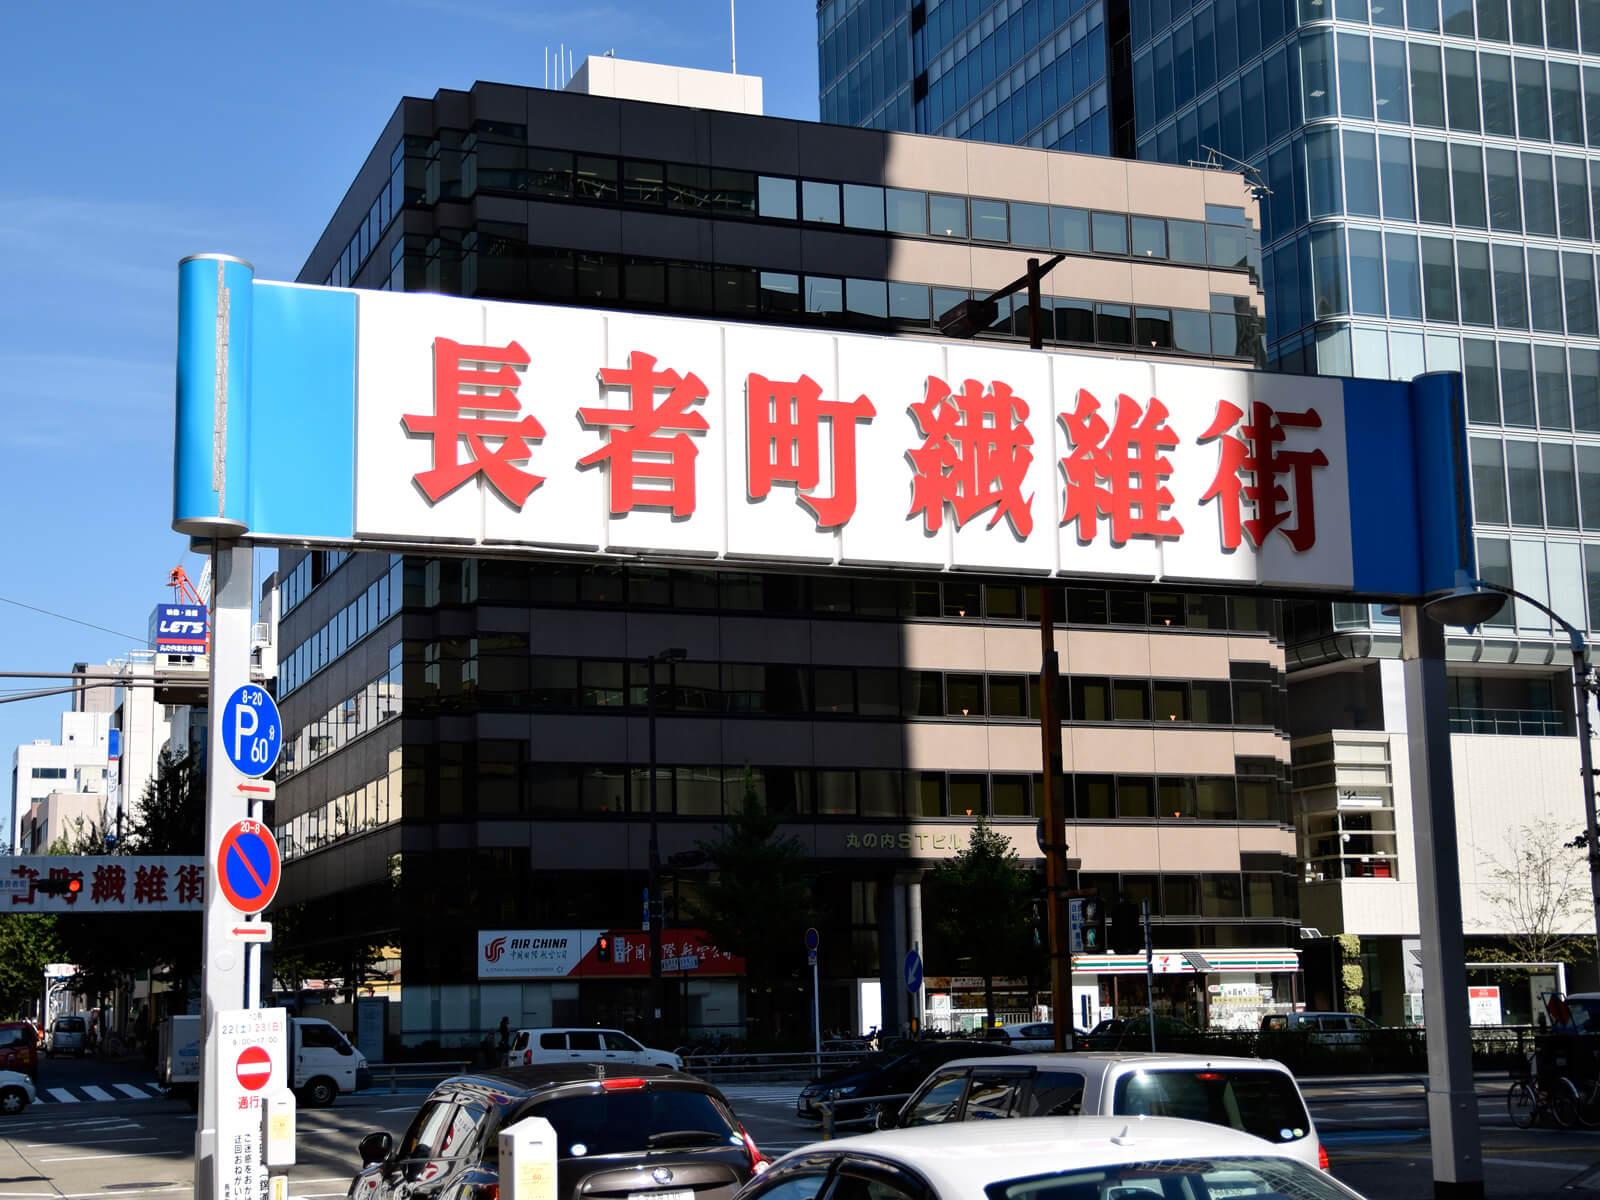 HERZ名古屋店は長者町ゑびす祭りに出店します